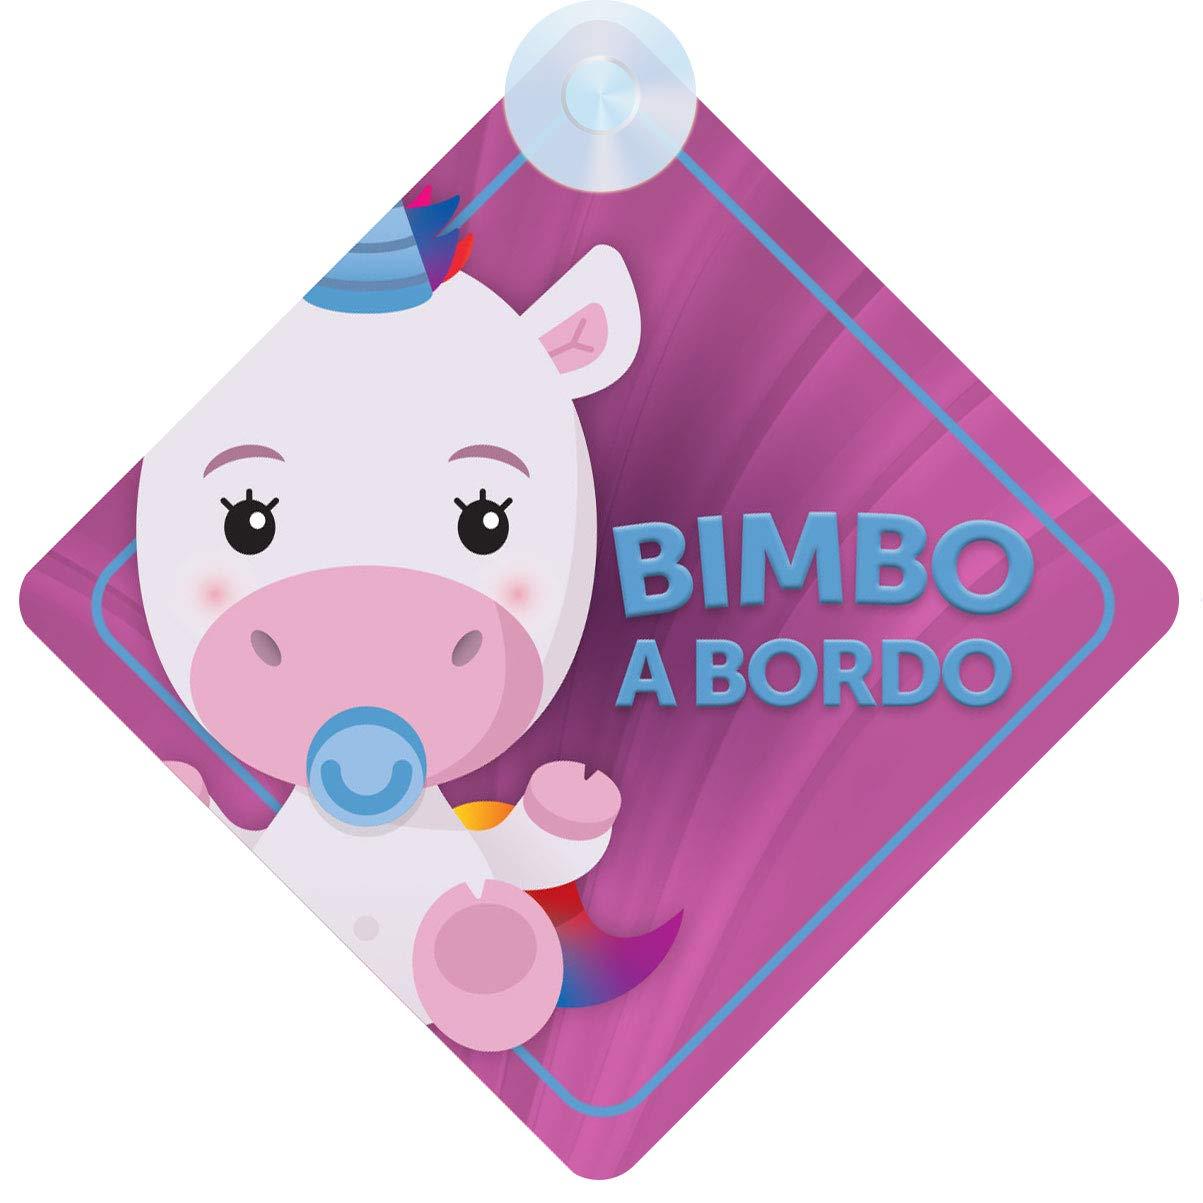 Bimbo a Bordo//Bambino a Bordo Segno Auto Regalo Unicorno Design